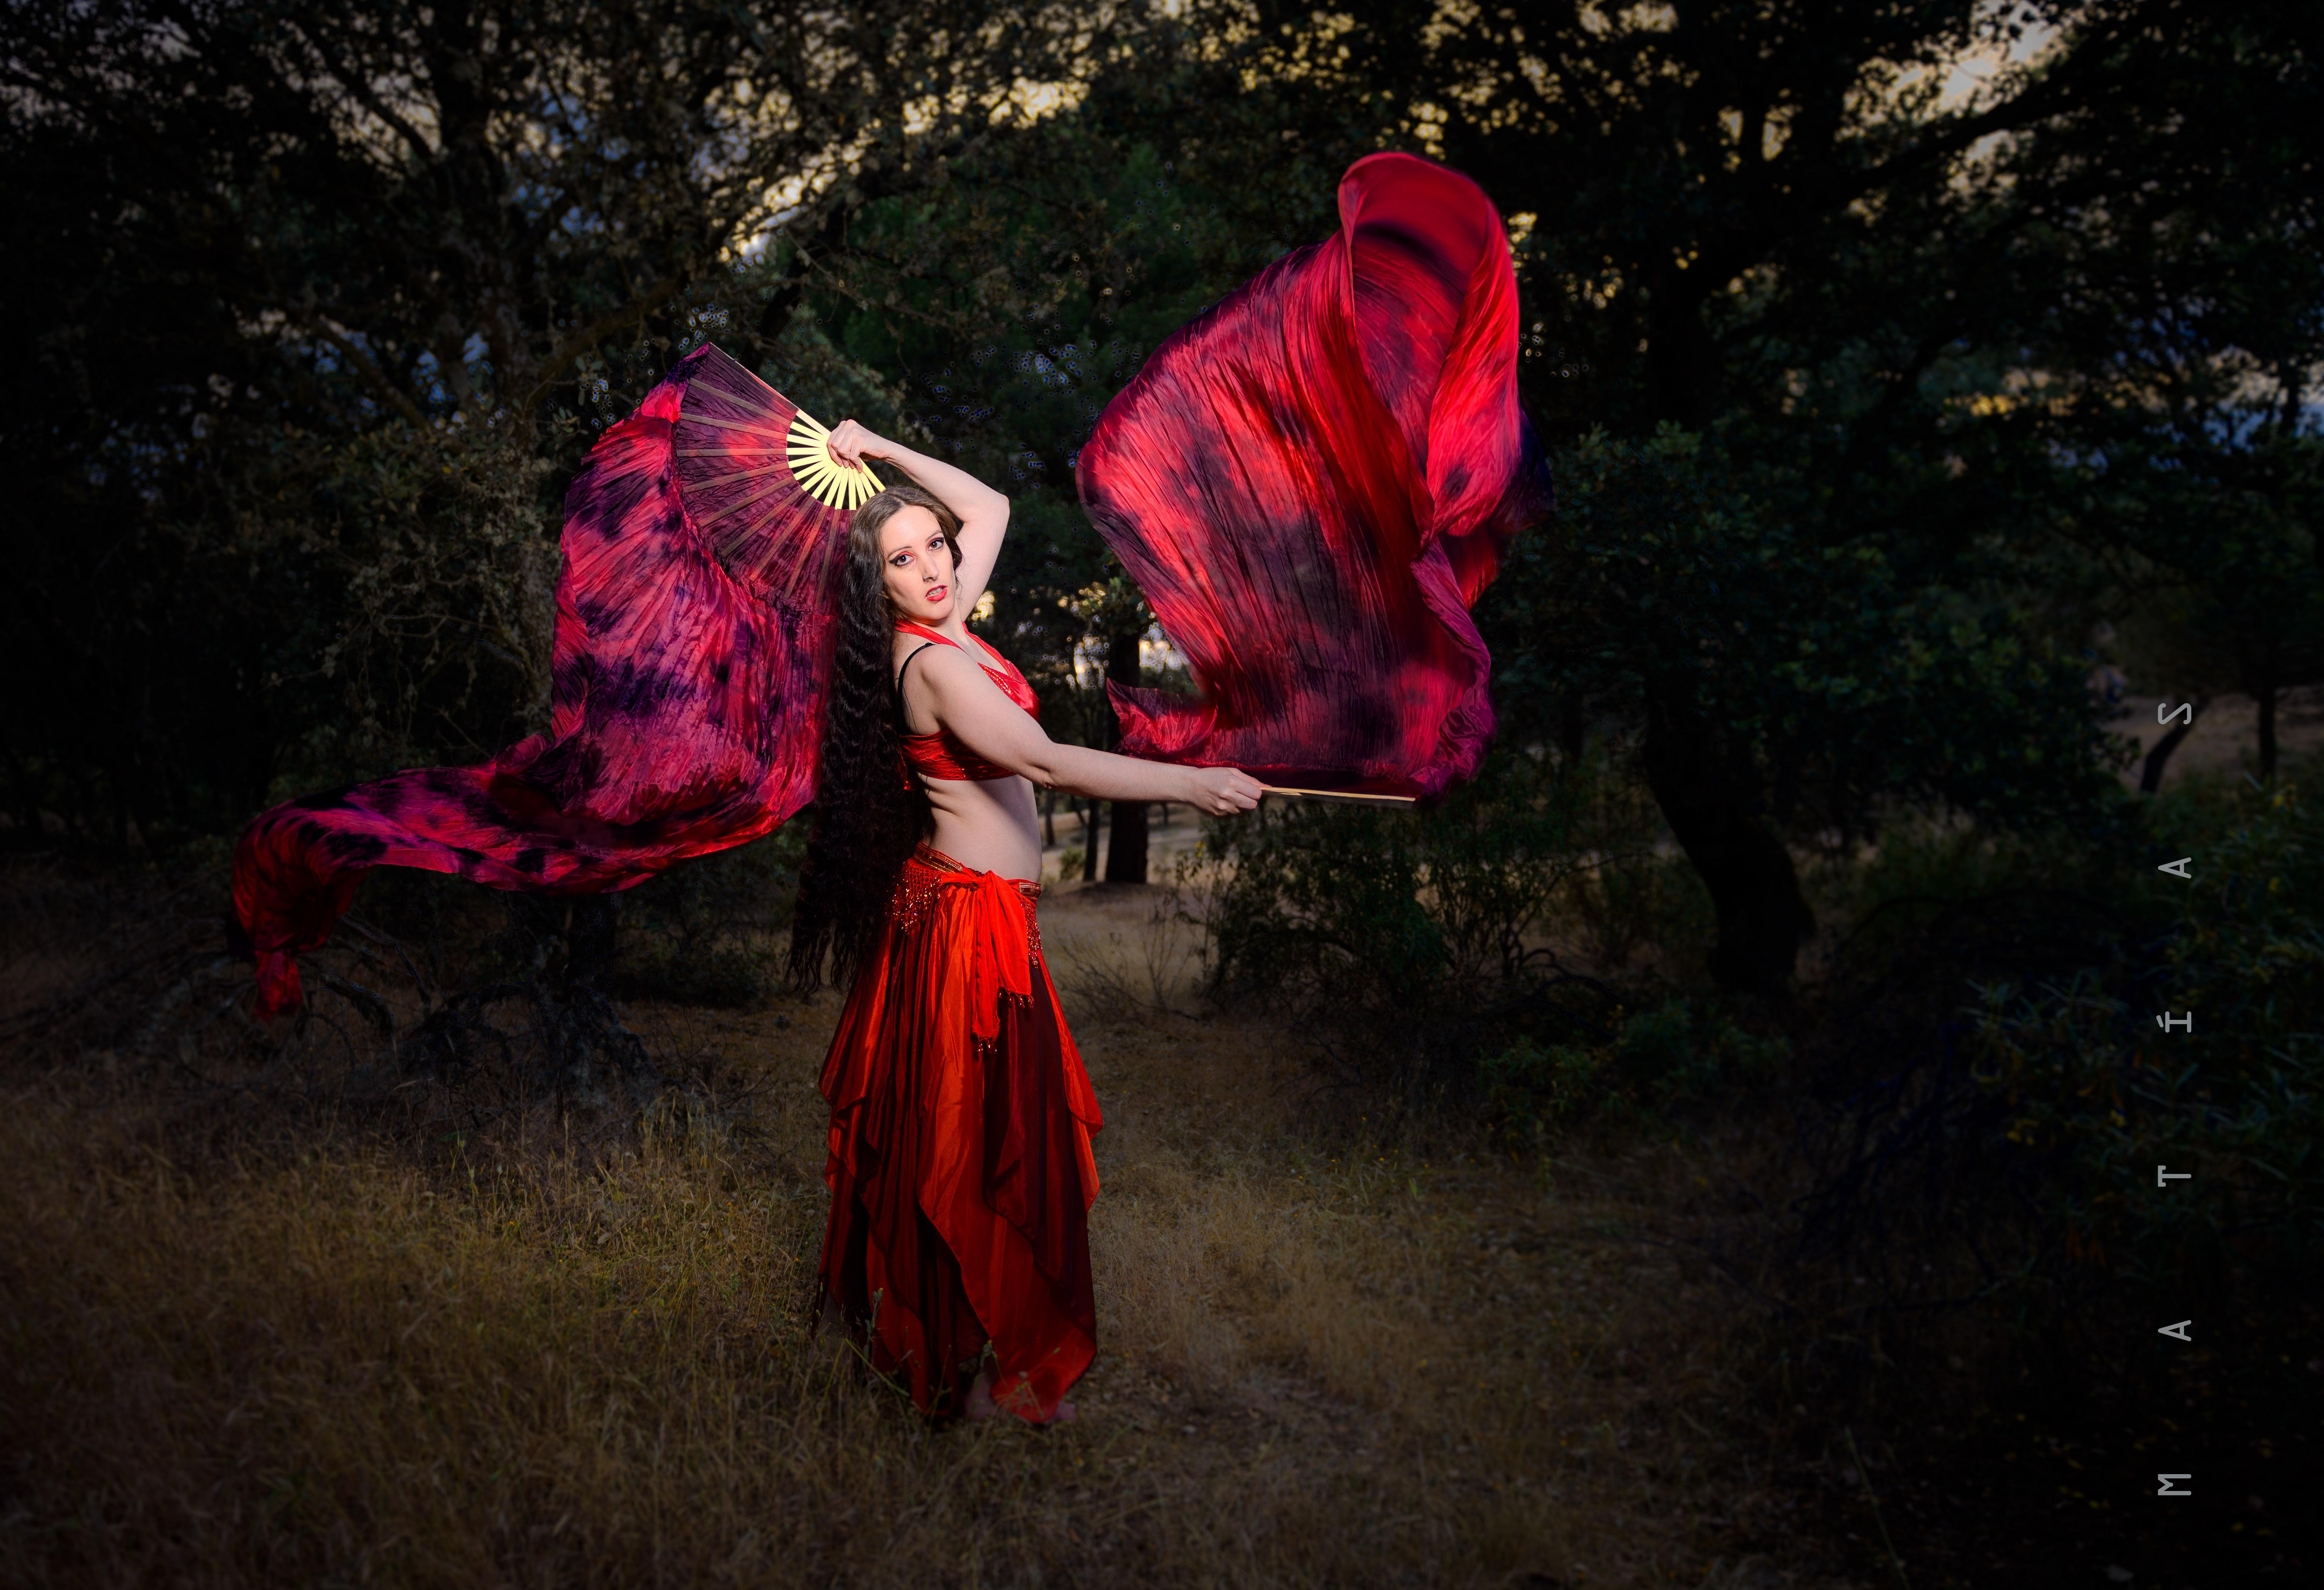 portfolio 32/33  - Danza en el bosque